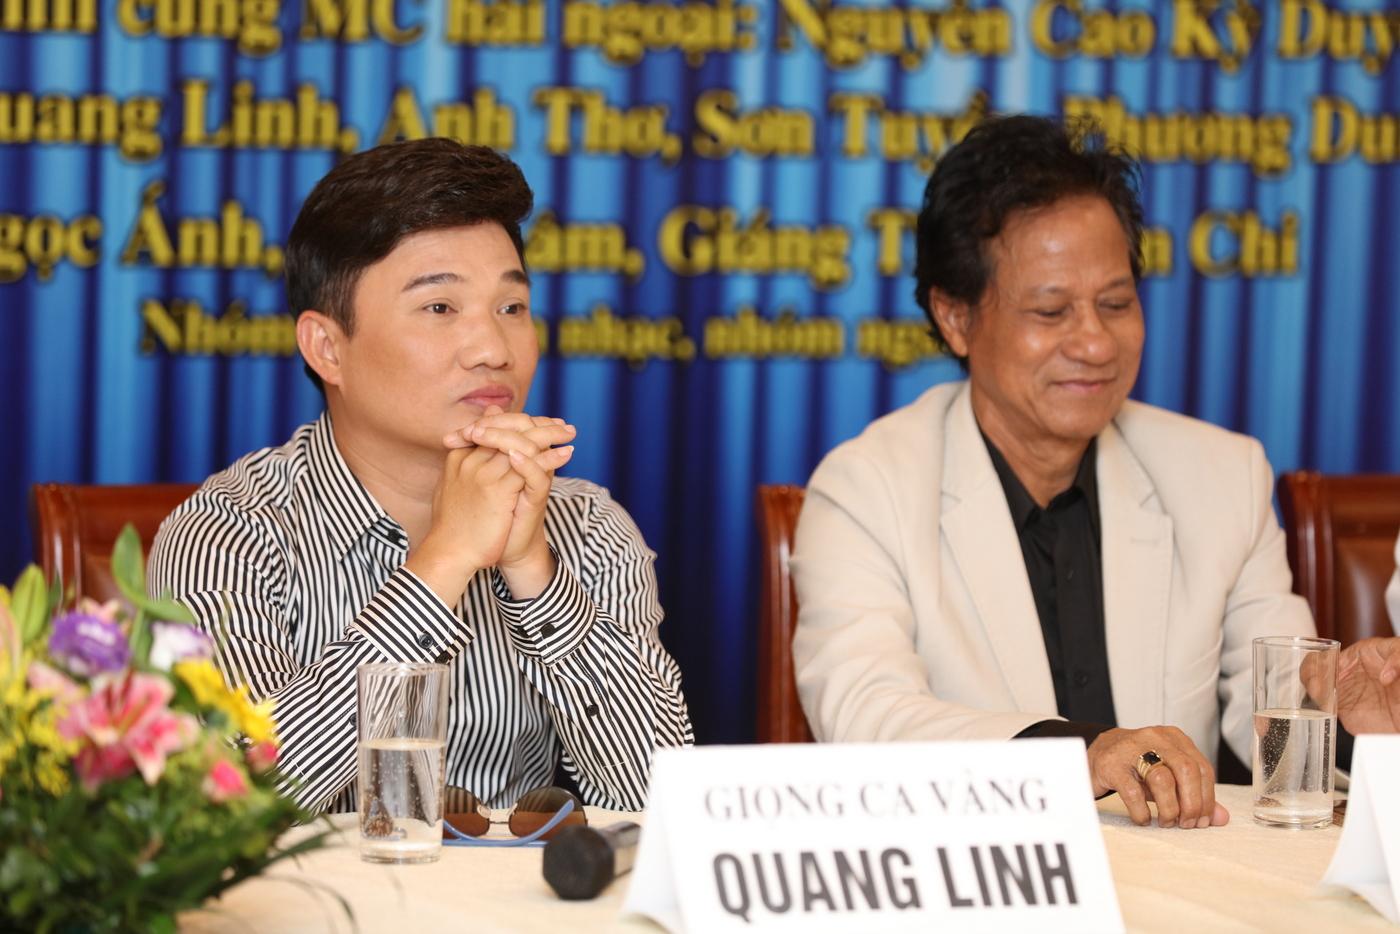 Sự thật cát-xê hát một bài mua được 4 căn nhà mặt phố của Quang Linh 1